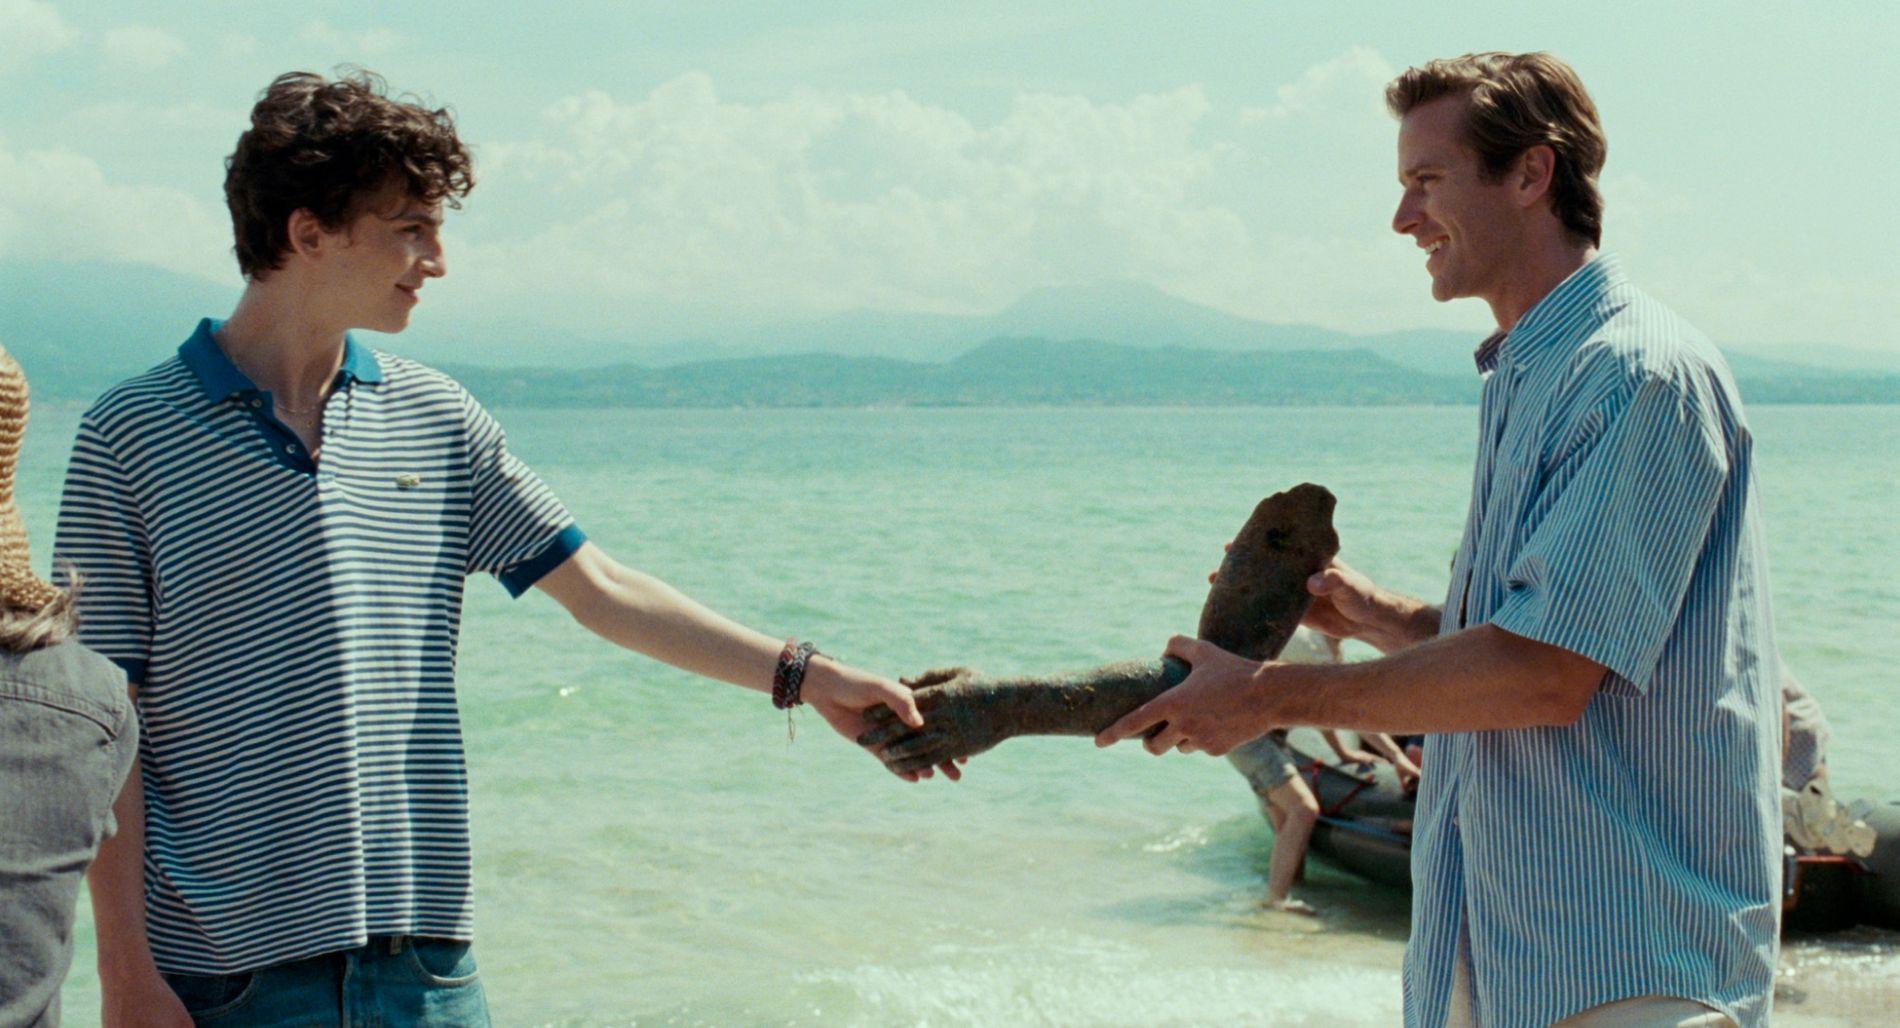 DA HAN MØTTE HAN: Timothée Chalamet (til venstre) og Armie Hammer i «Call Me By Your Name». FOTO: United International Pictures